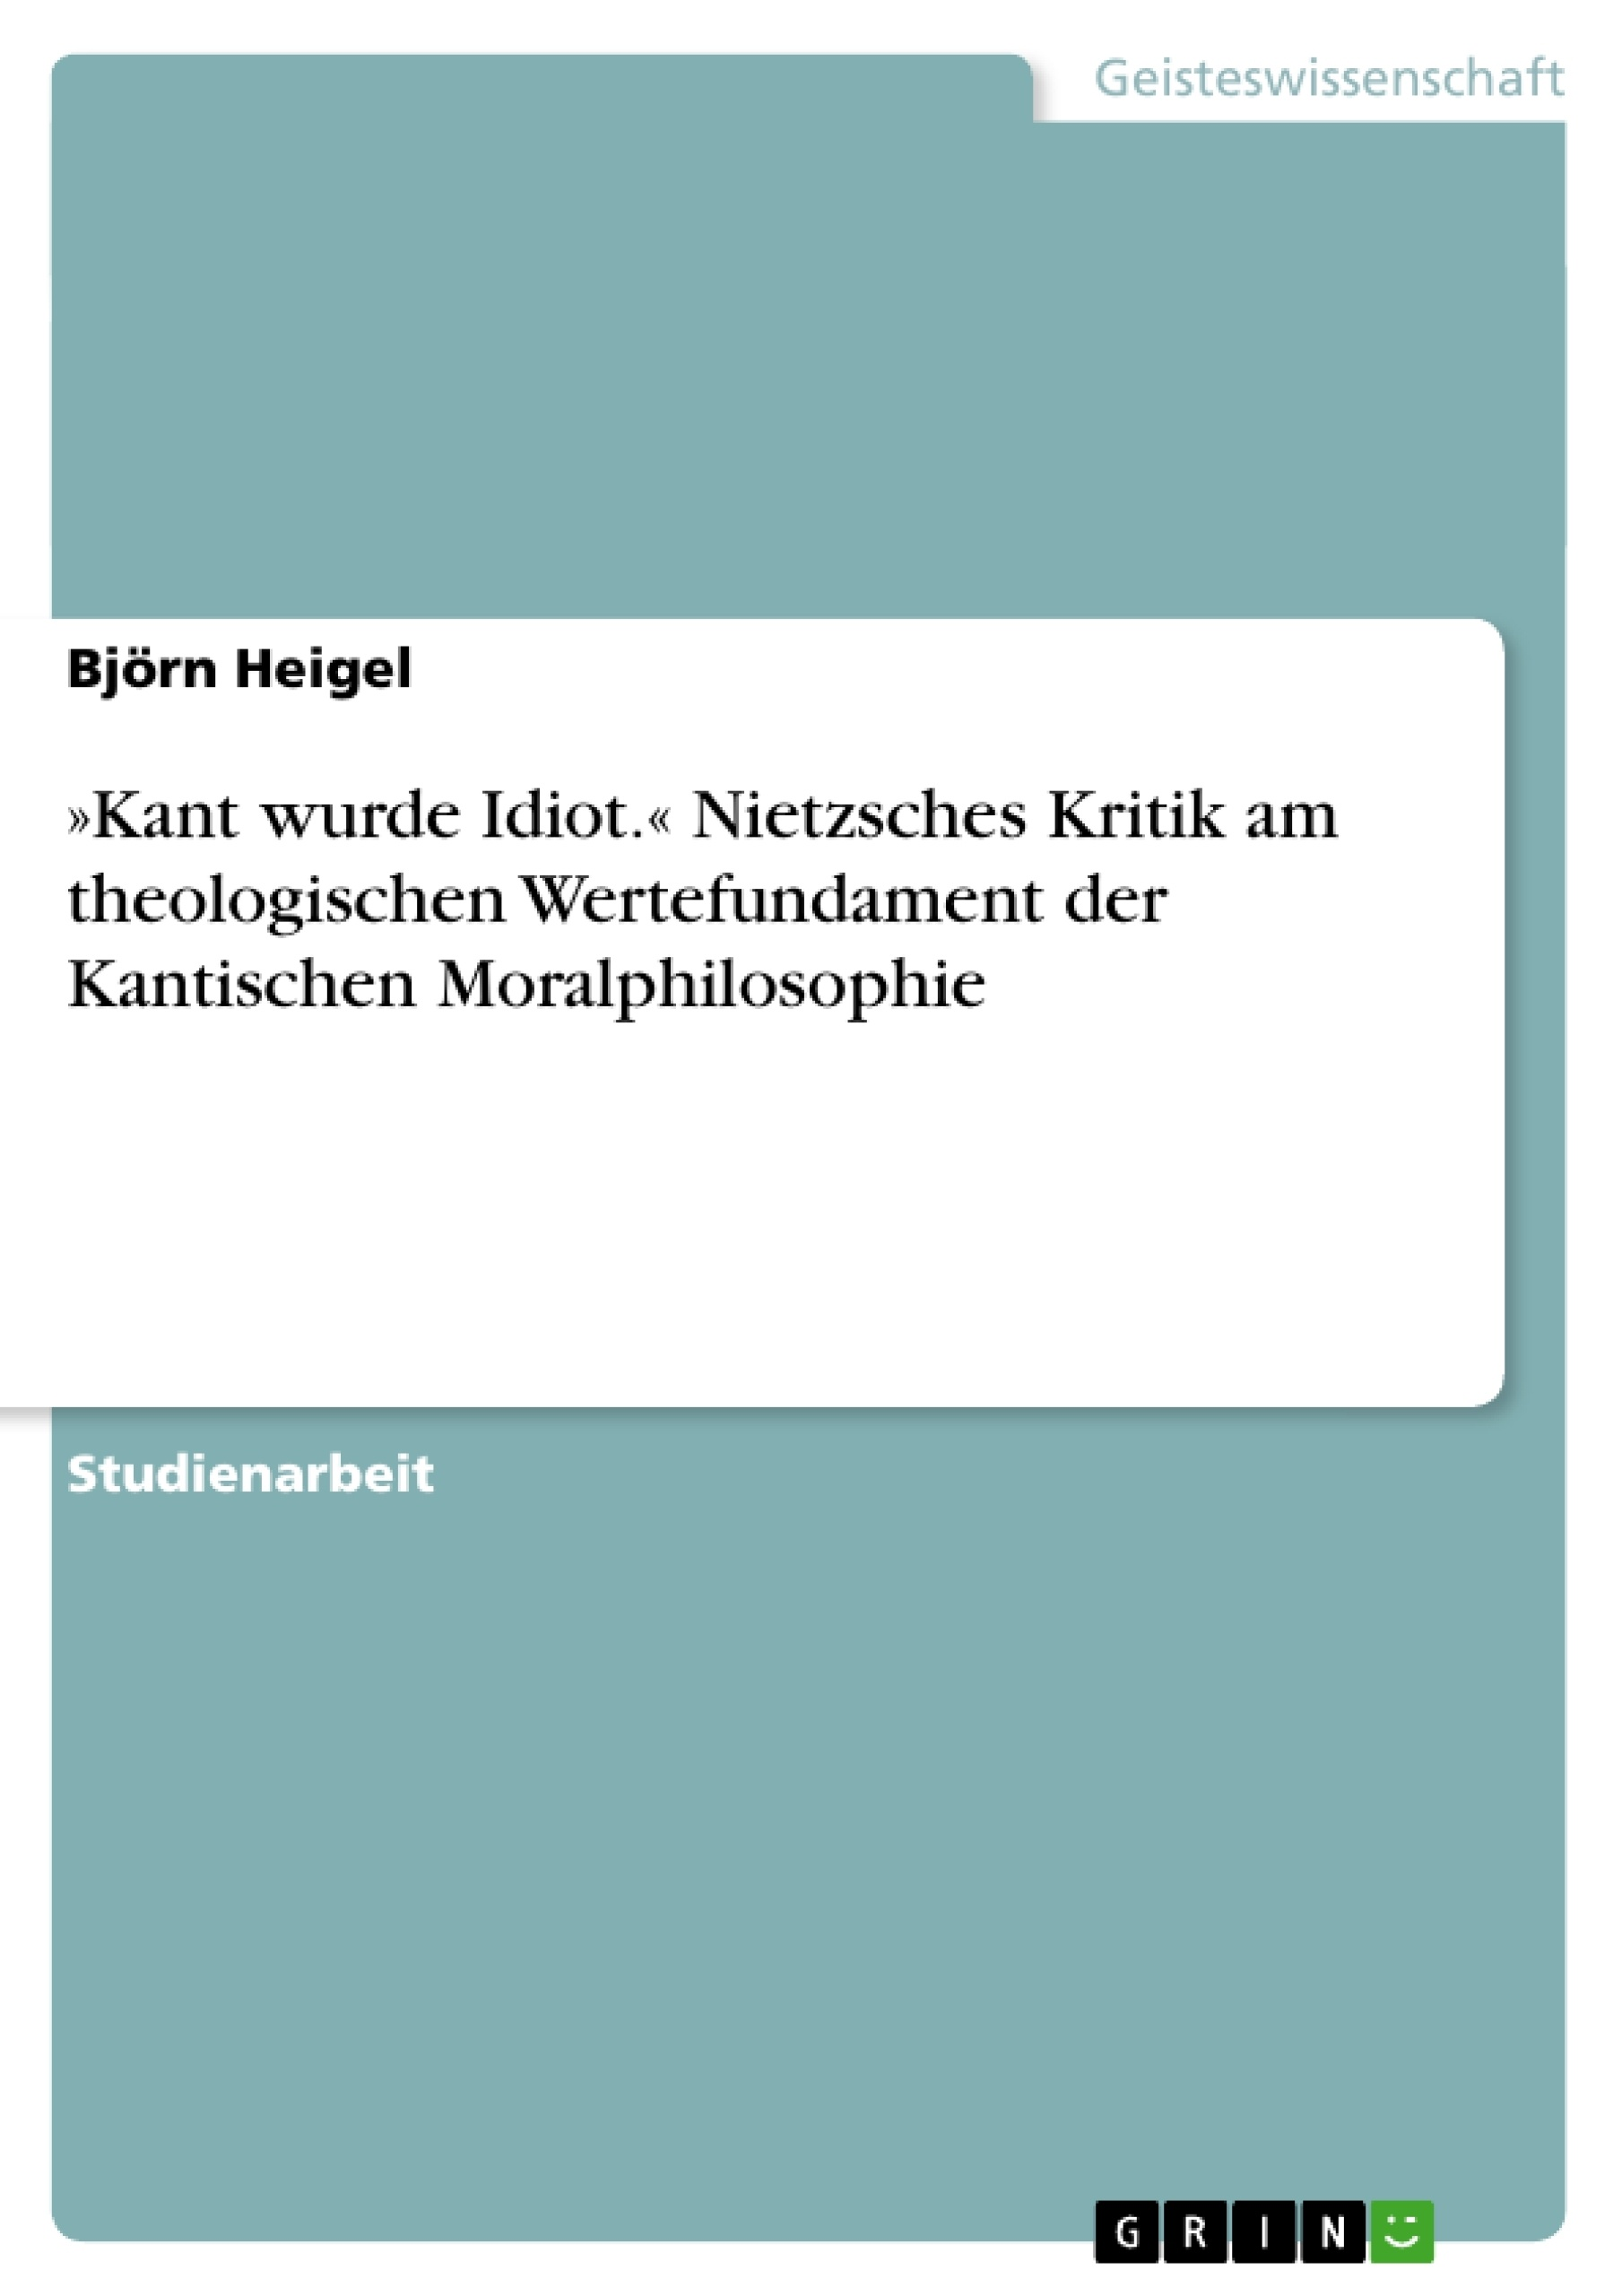 Titel: »Kant wurde Idiot.« Nietzsches Kritik am theologischen Wertefundament der Kantischen Moralphilosophie